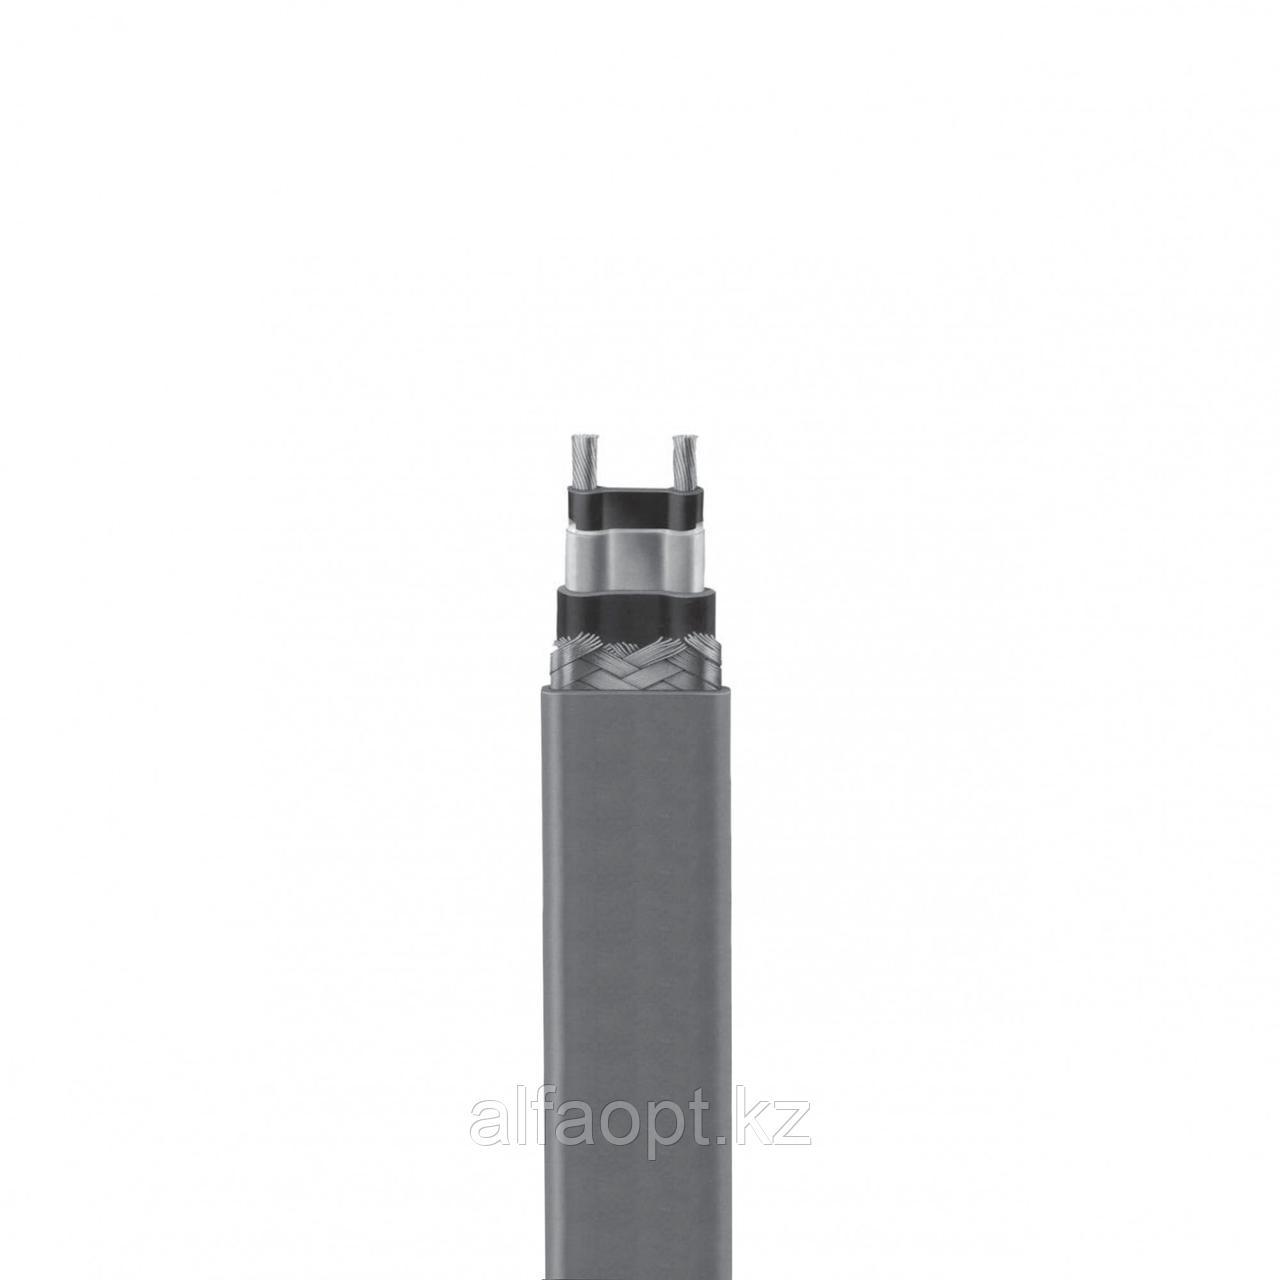 Саморегулирующийся нагревательный кабель NELSON HLT28-J